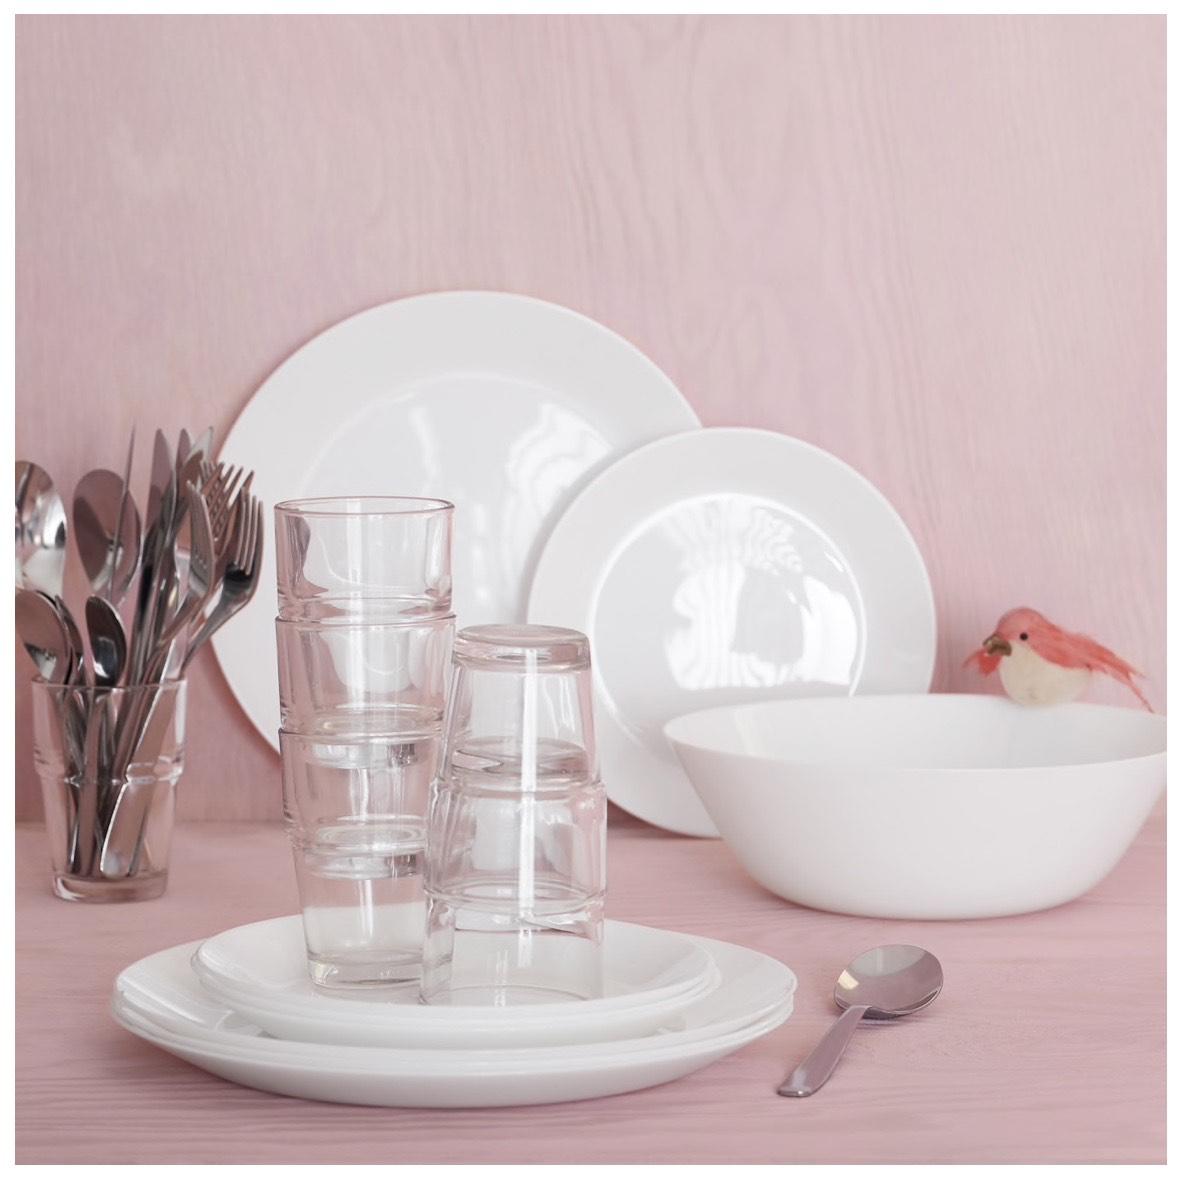 Platos, bol, cubiertos y vasos por 13€.